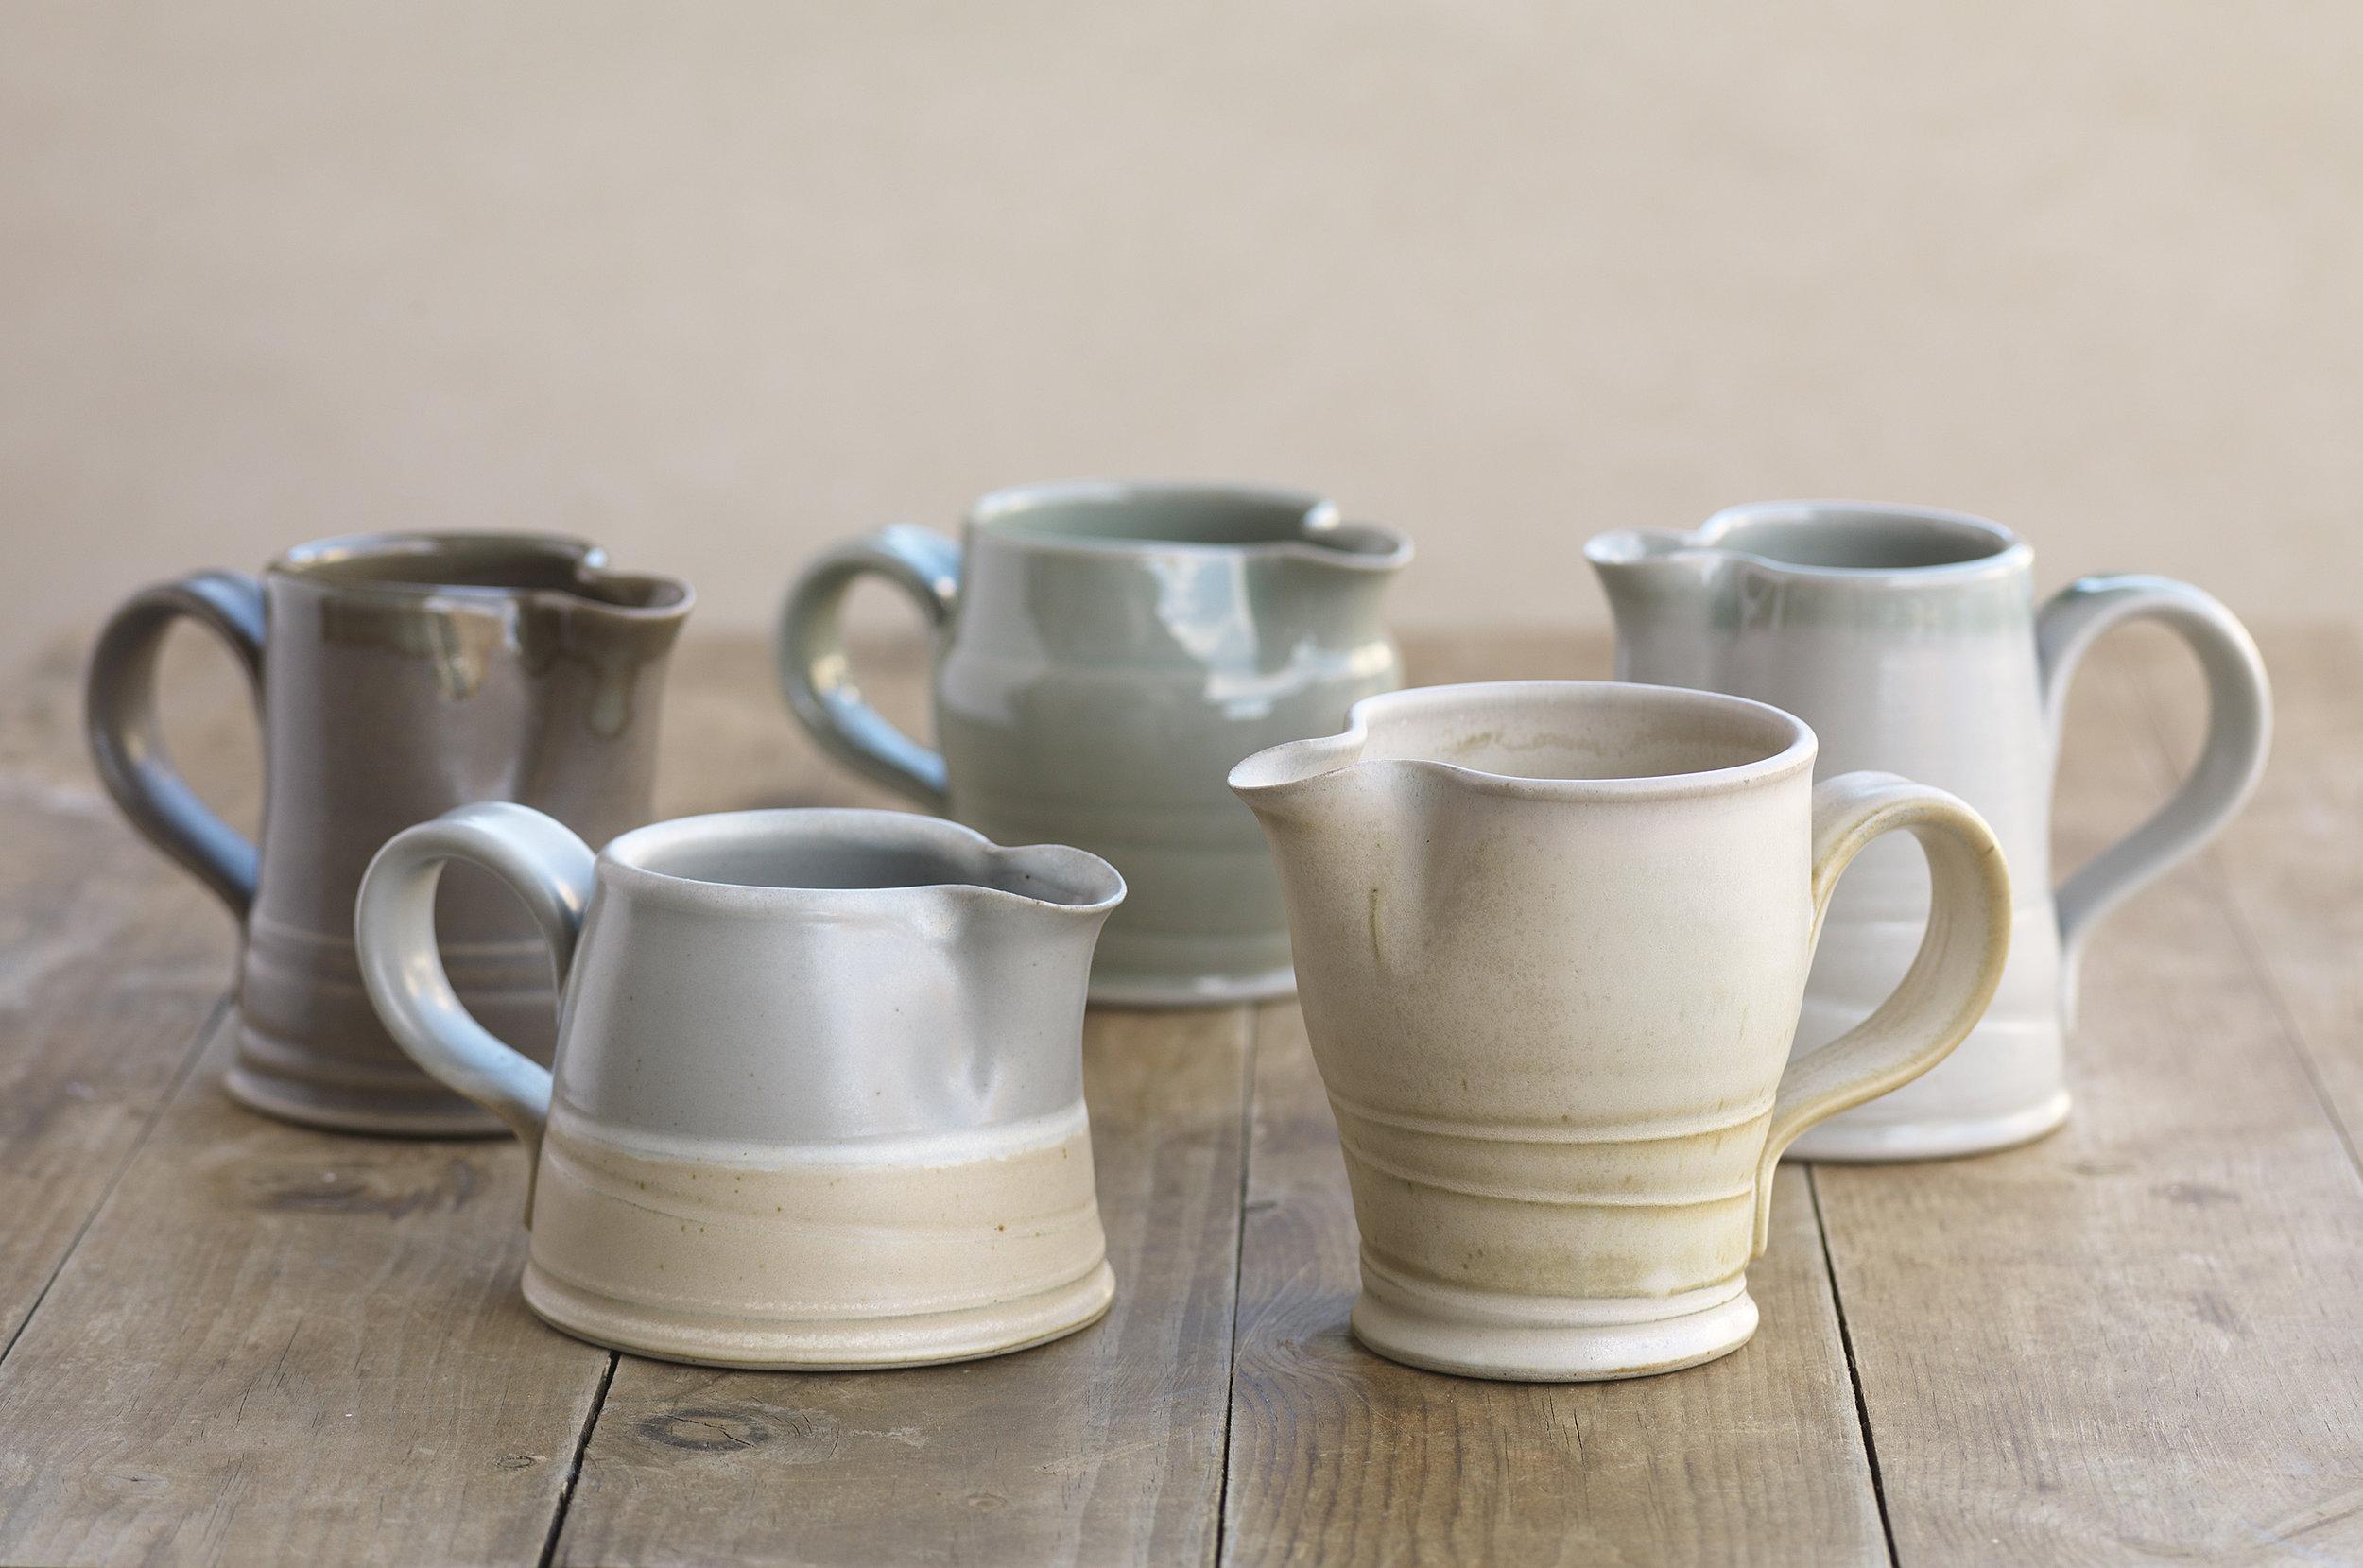 small-jugs-1.jpg